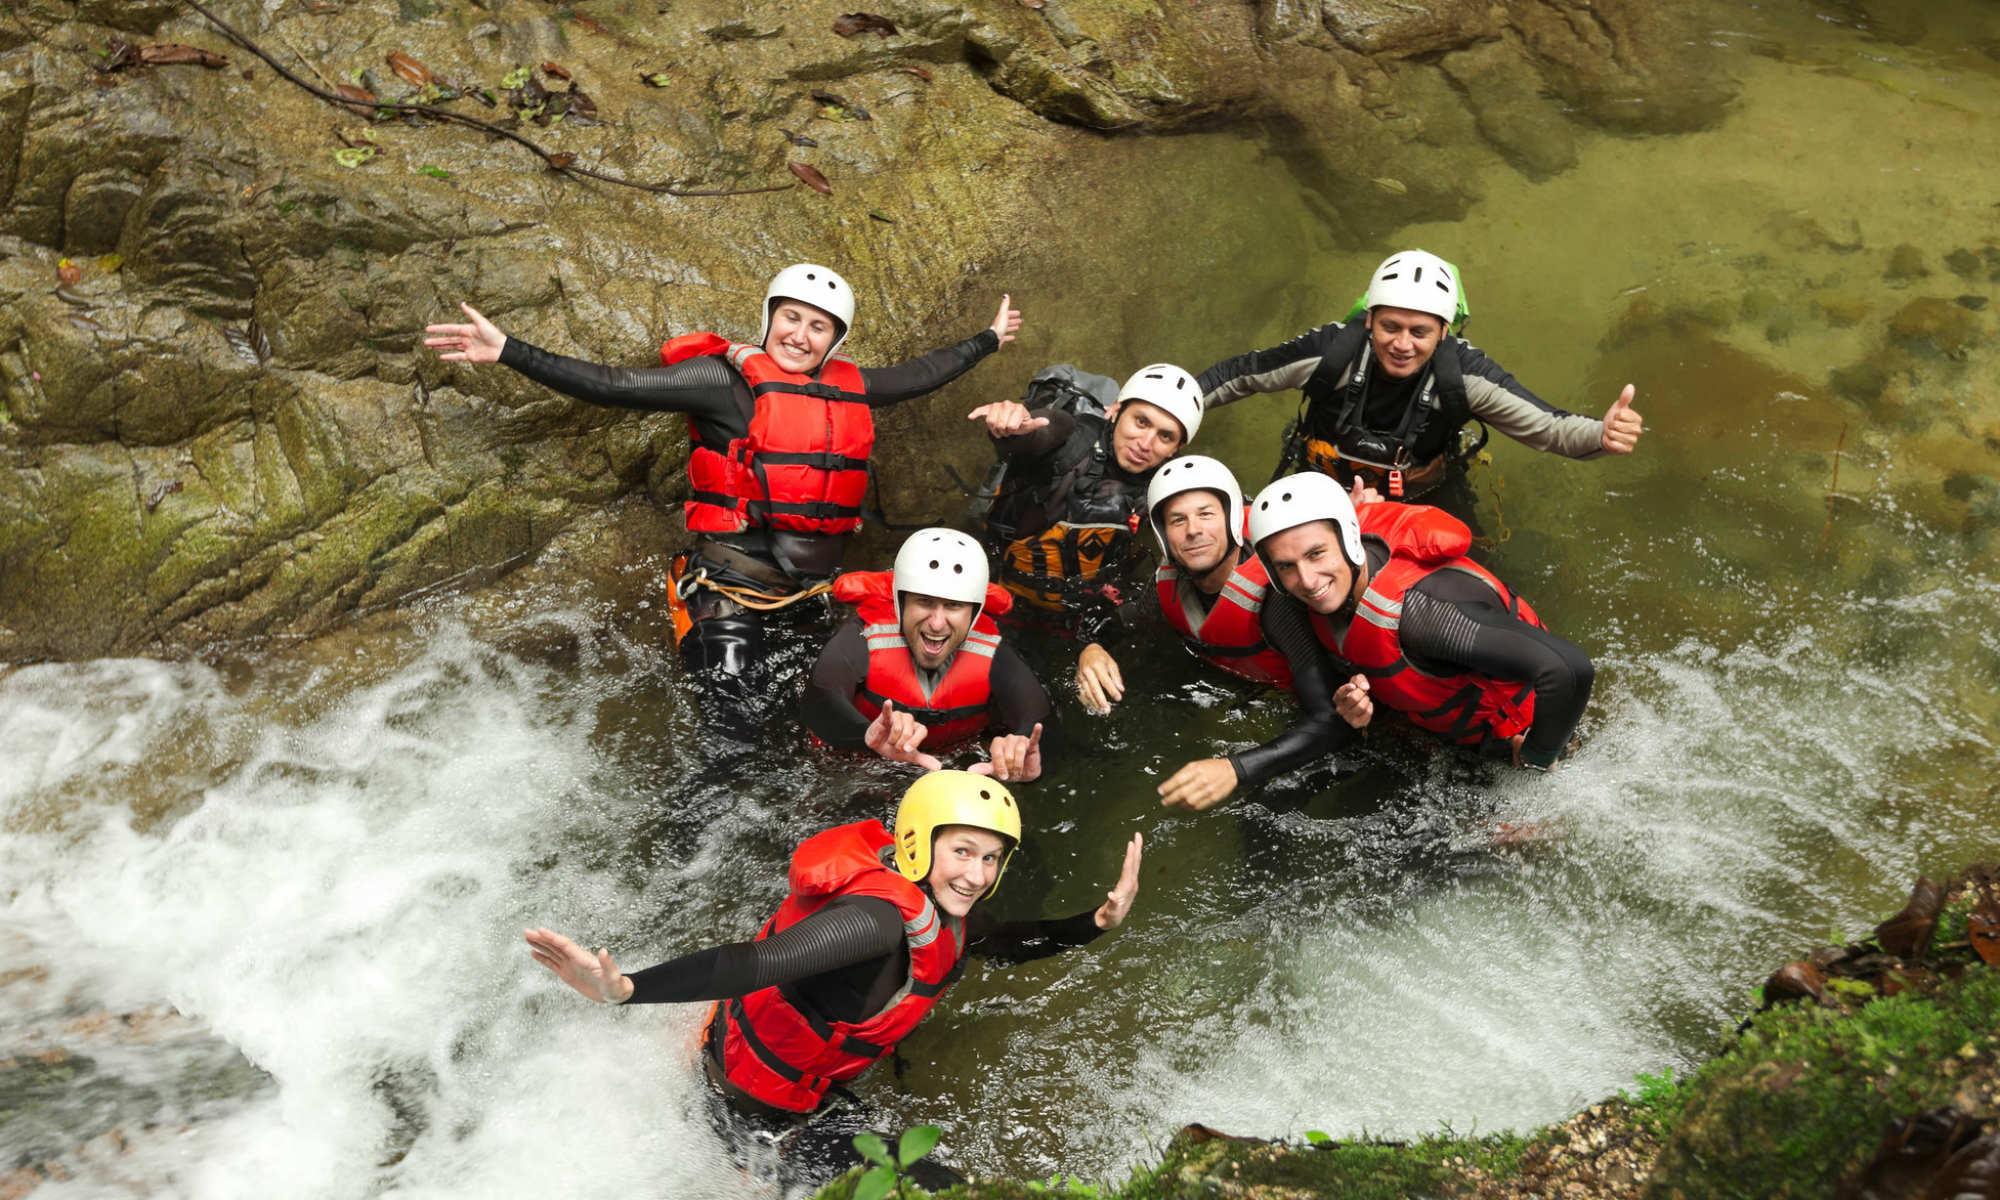 Un groupe de canyonistes dans une rivière.